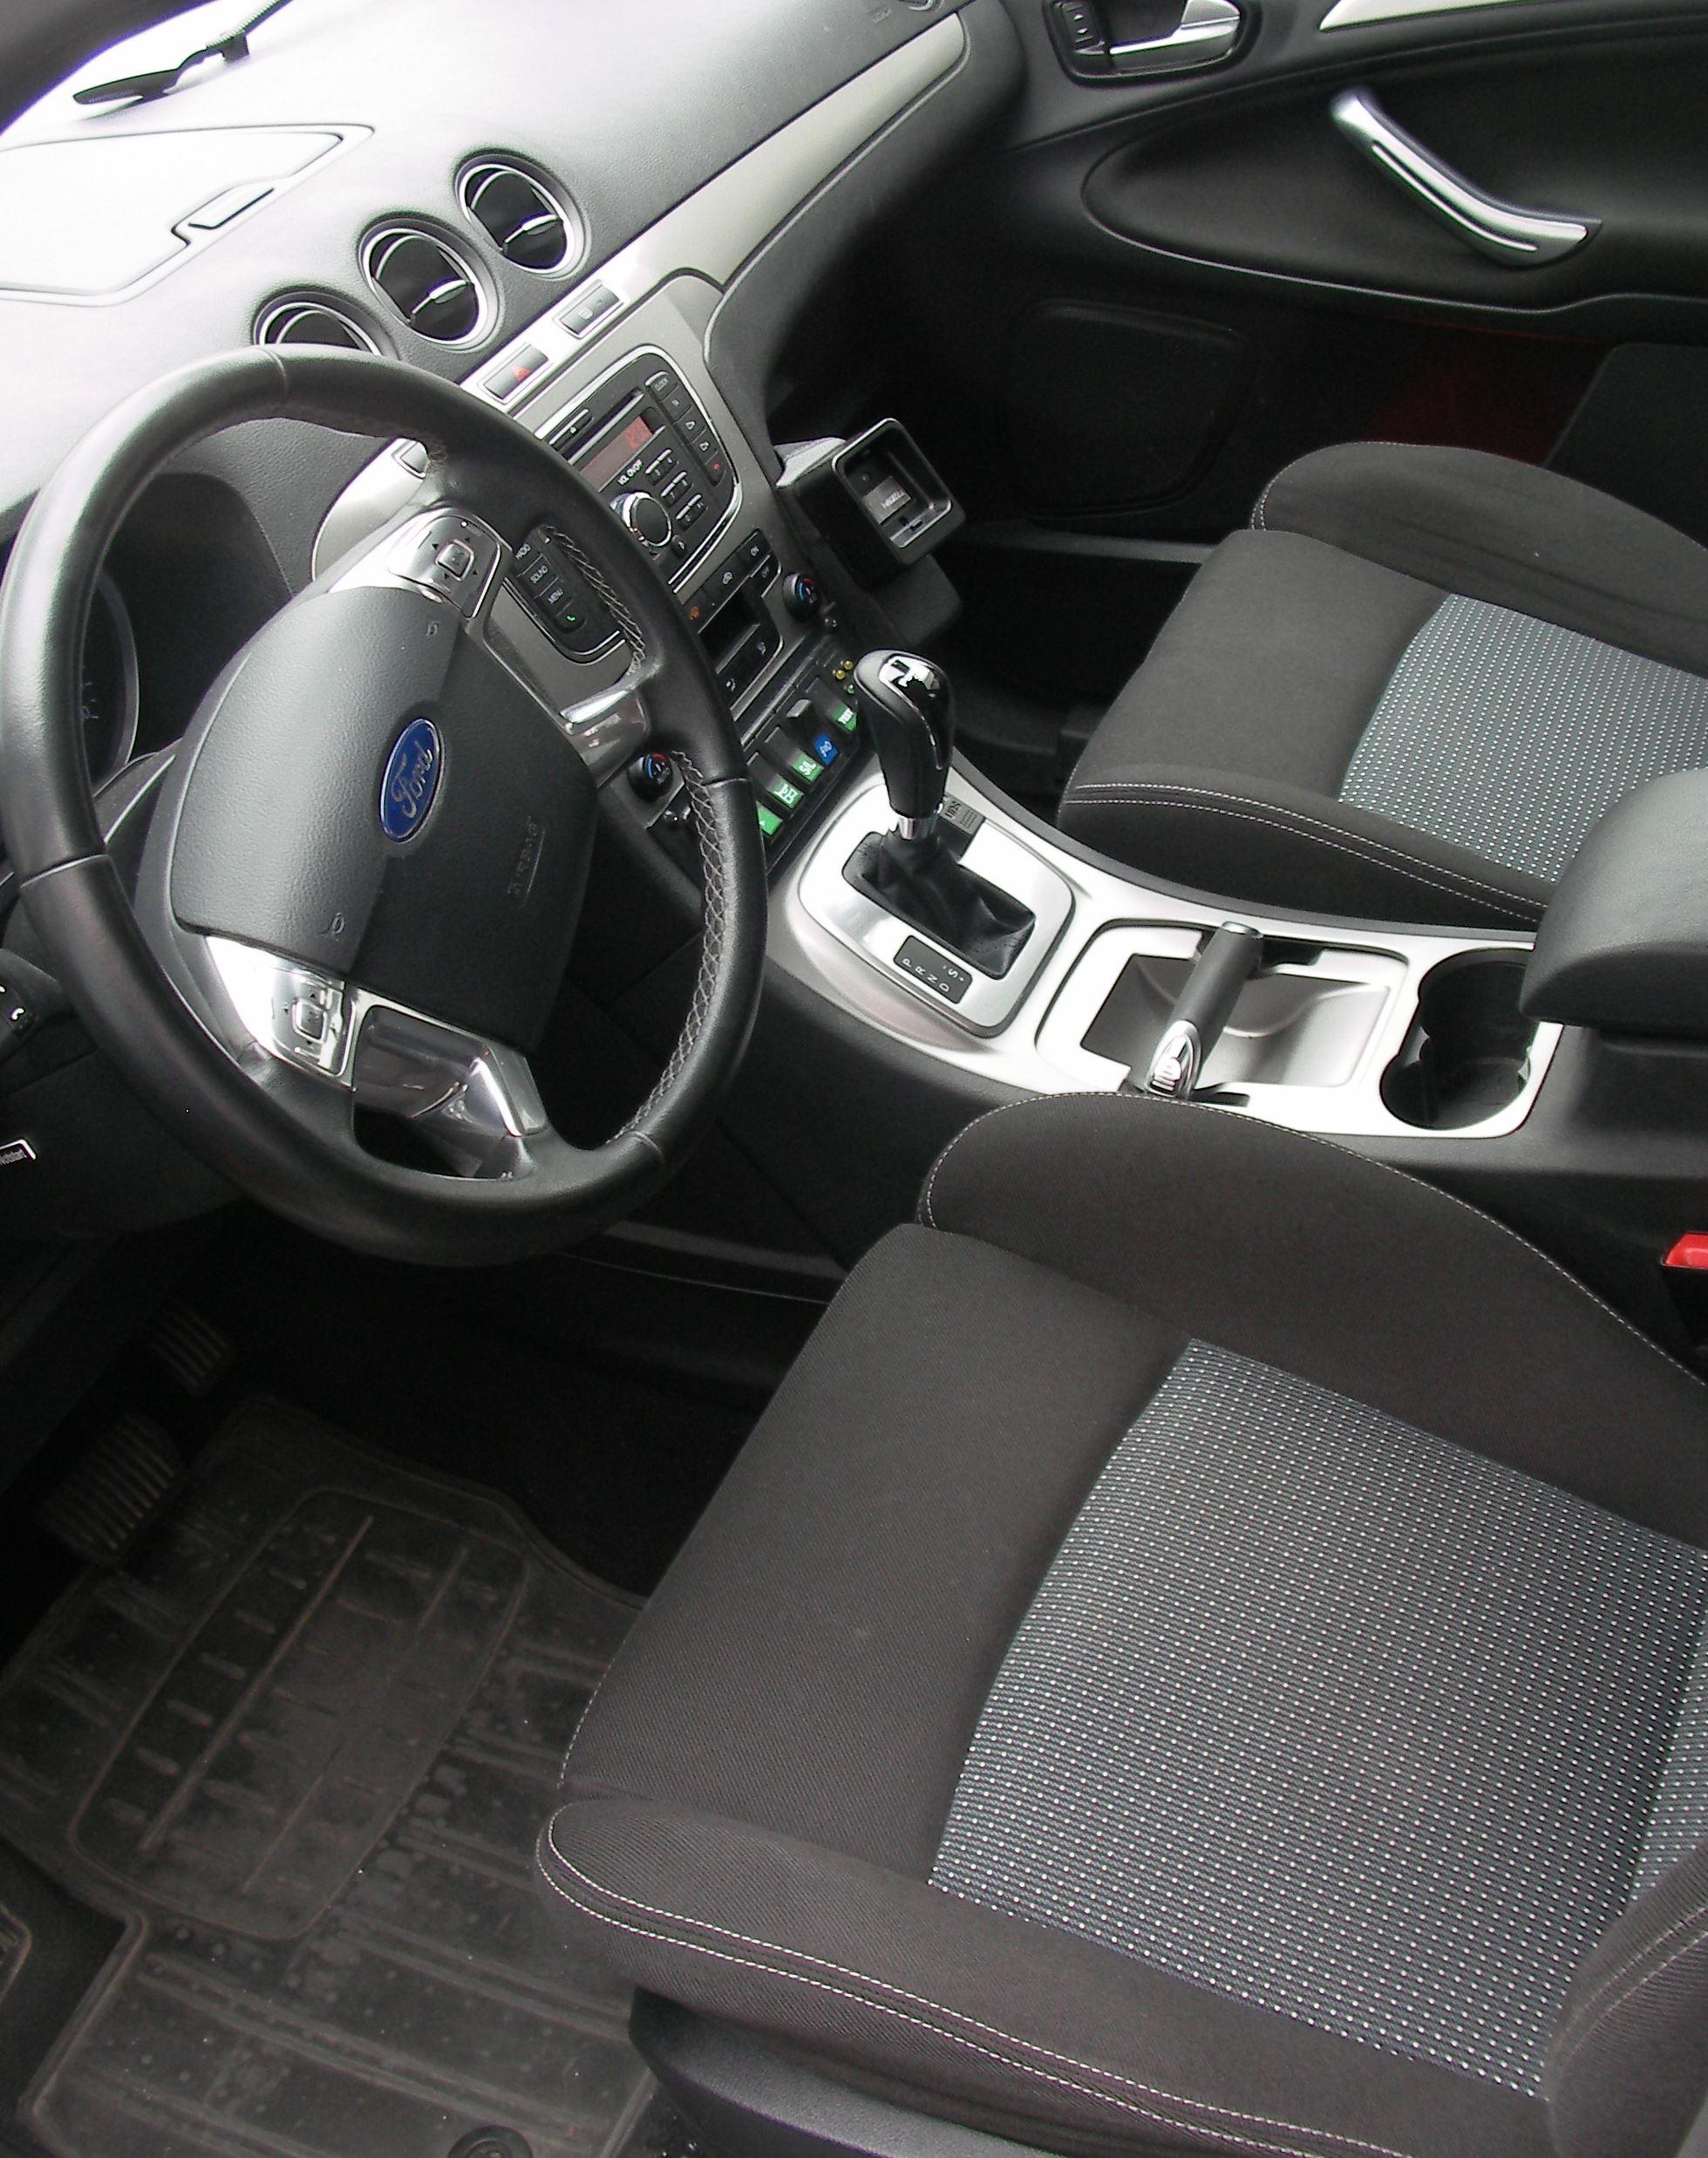 Hersteller Ford Typ S Max NEF Motorschaden Baujahr 2012 Erstzulassung Antrieb Diesel Zul Gesamtgewicht 2505 Kg Ausstattung 08